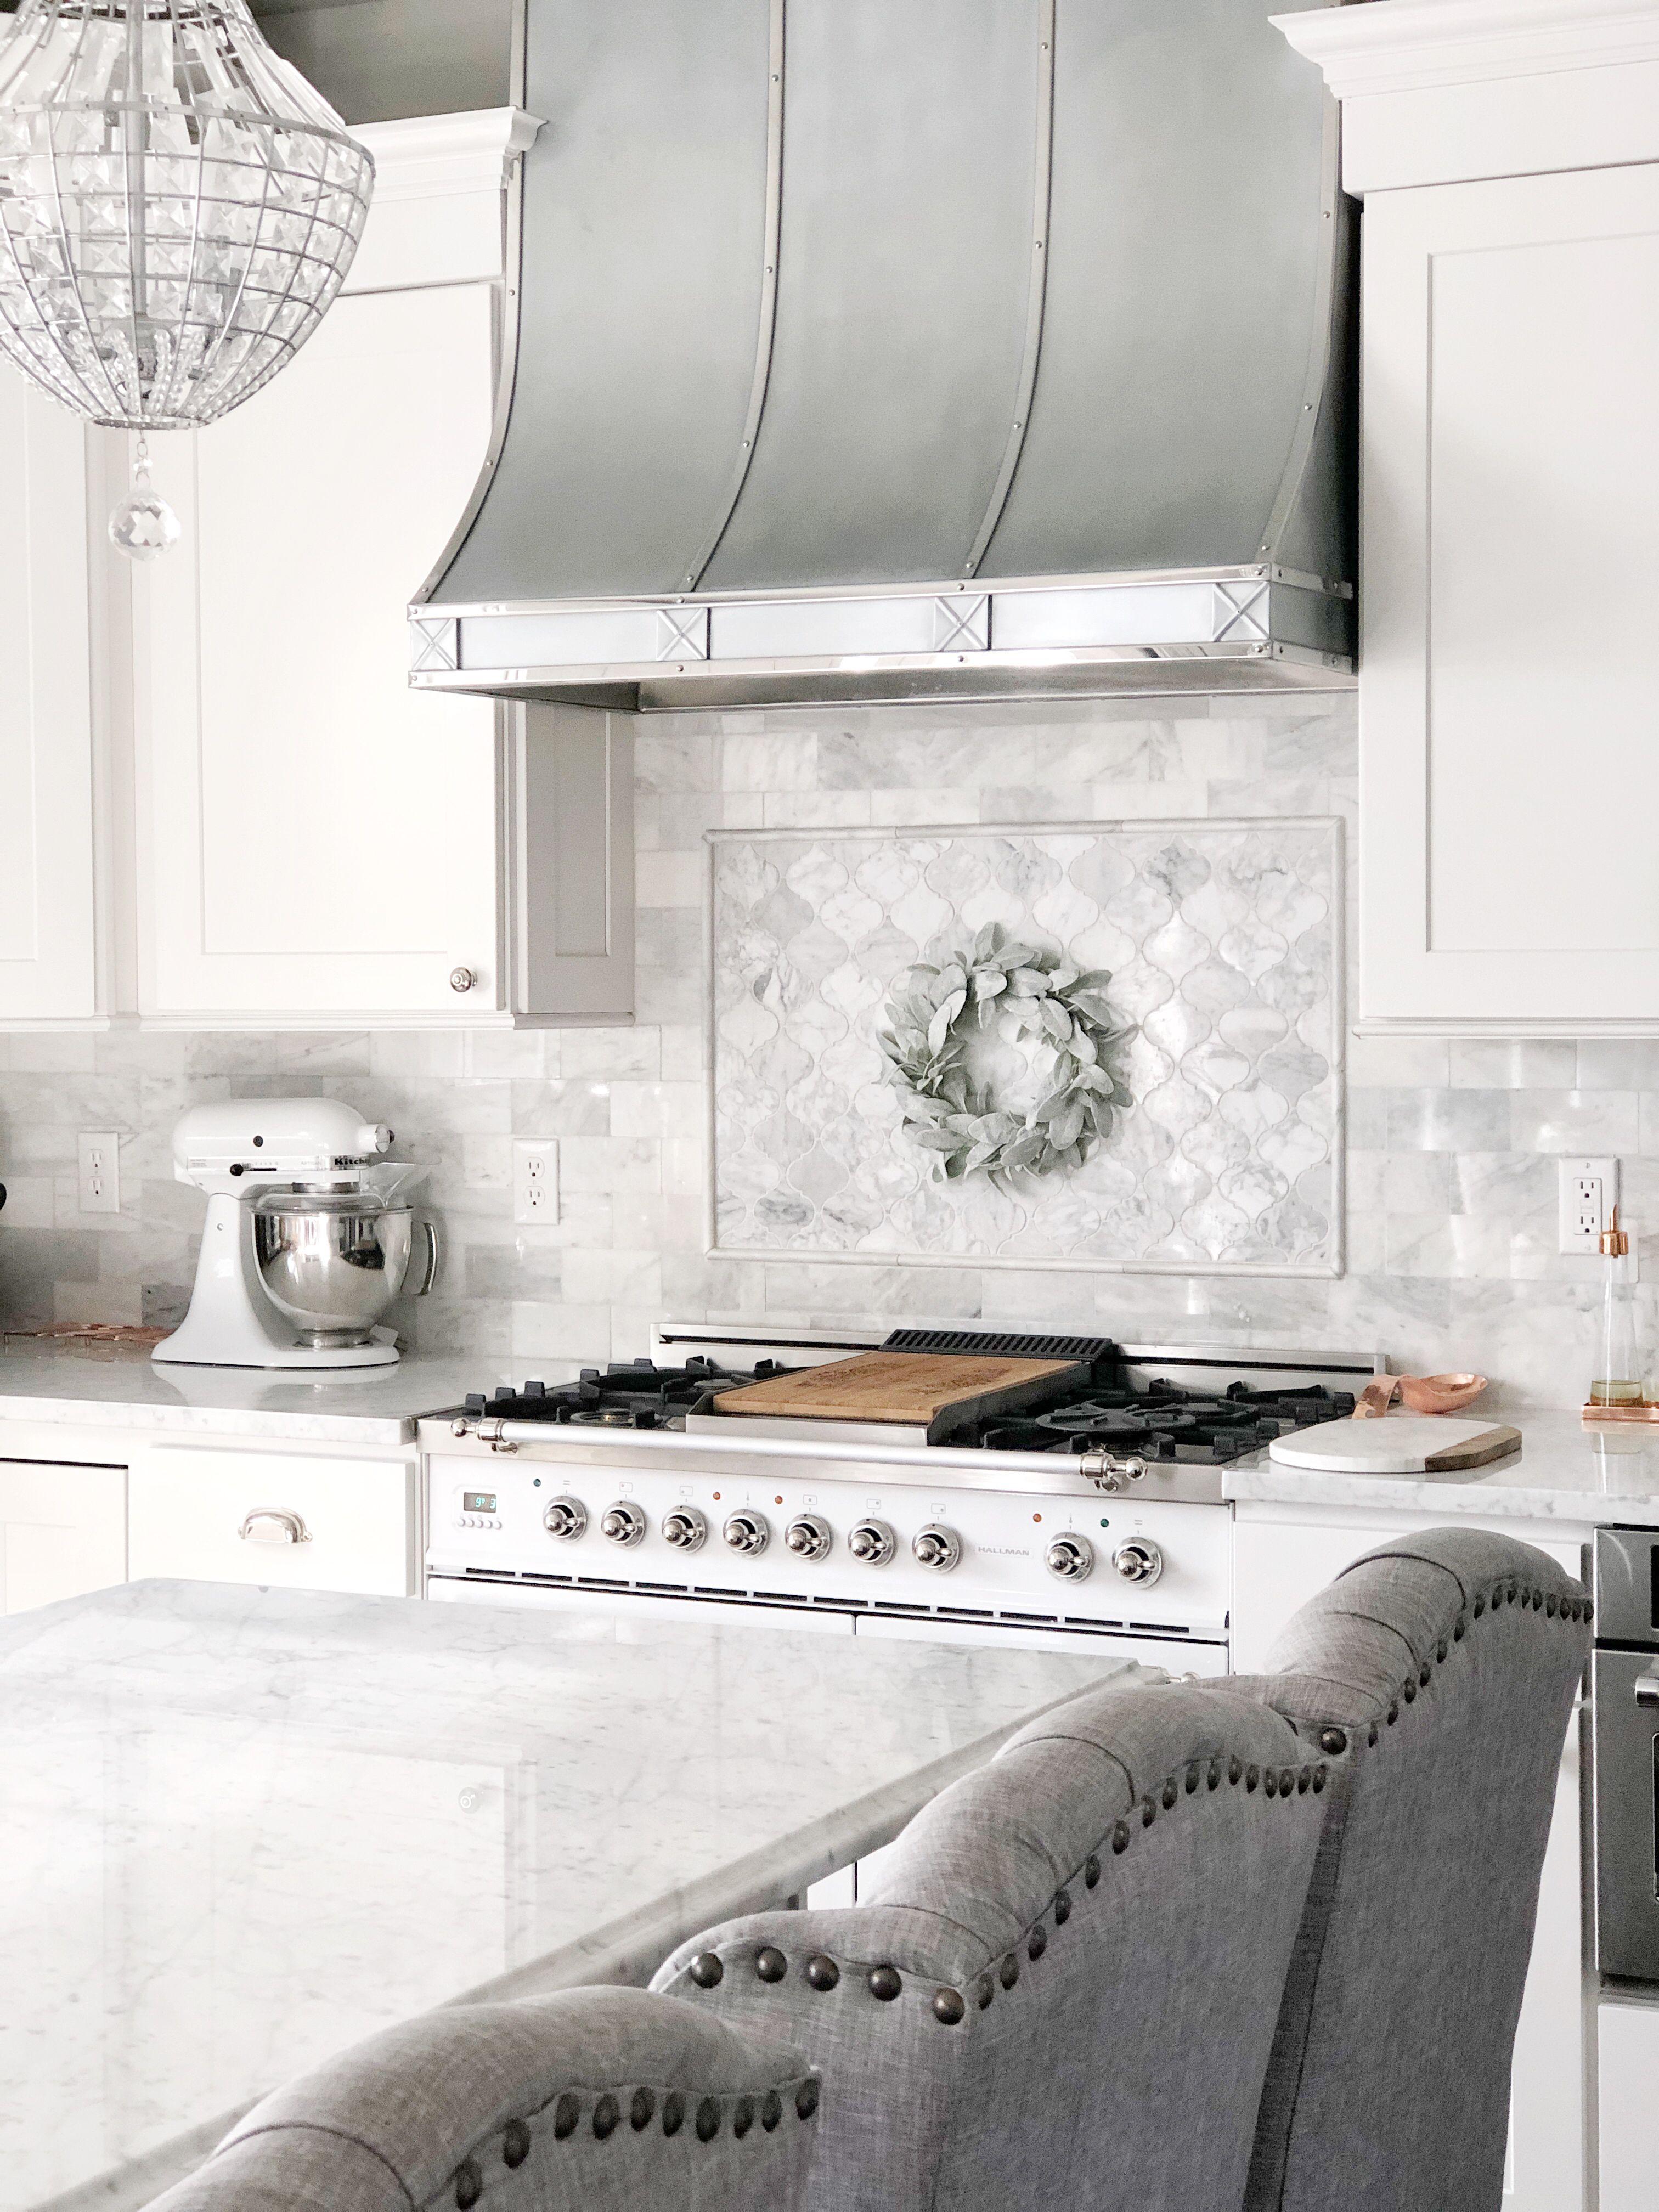 Belovedhomedecor On Instagram My Kitchen Kitchen Design Kitchen Hoods Modern Outdoor Kitchen